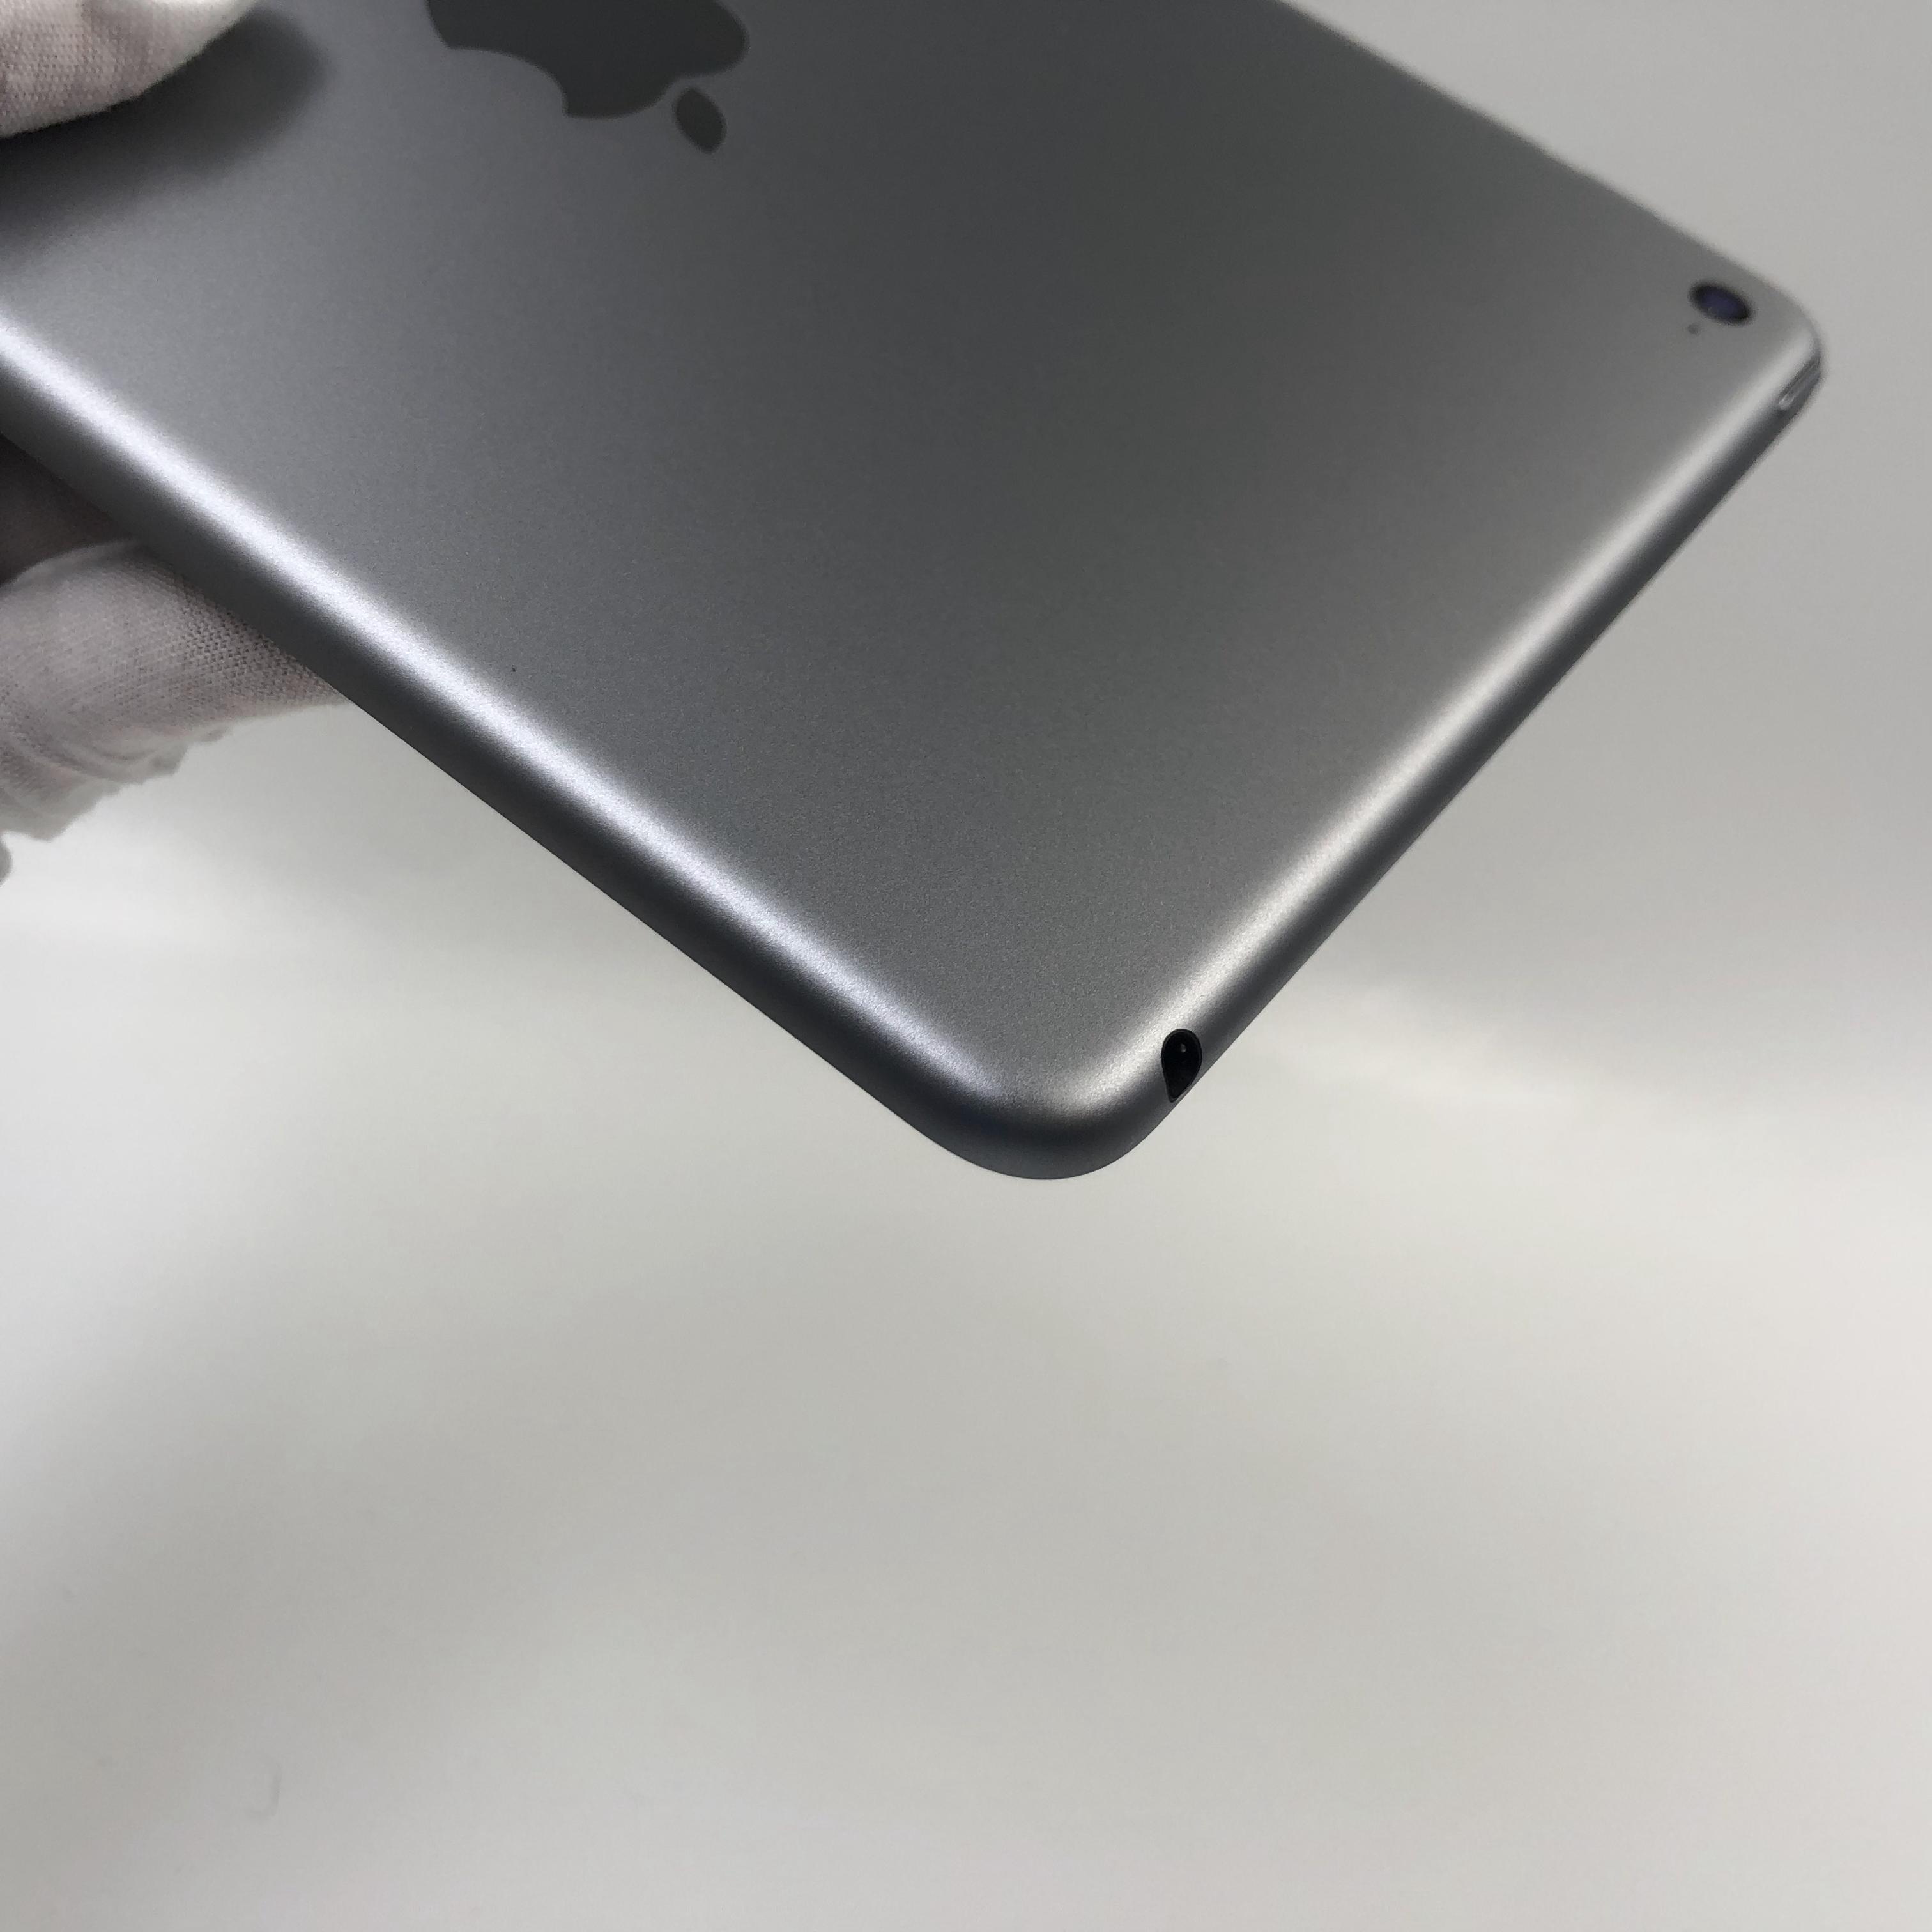 苹果【iPad mini 4】WIFI版 深空灰 128G 国行 95新 真机实拍